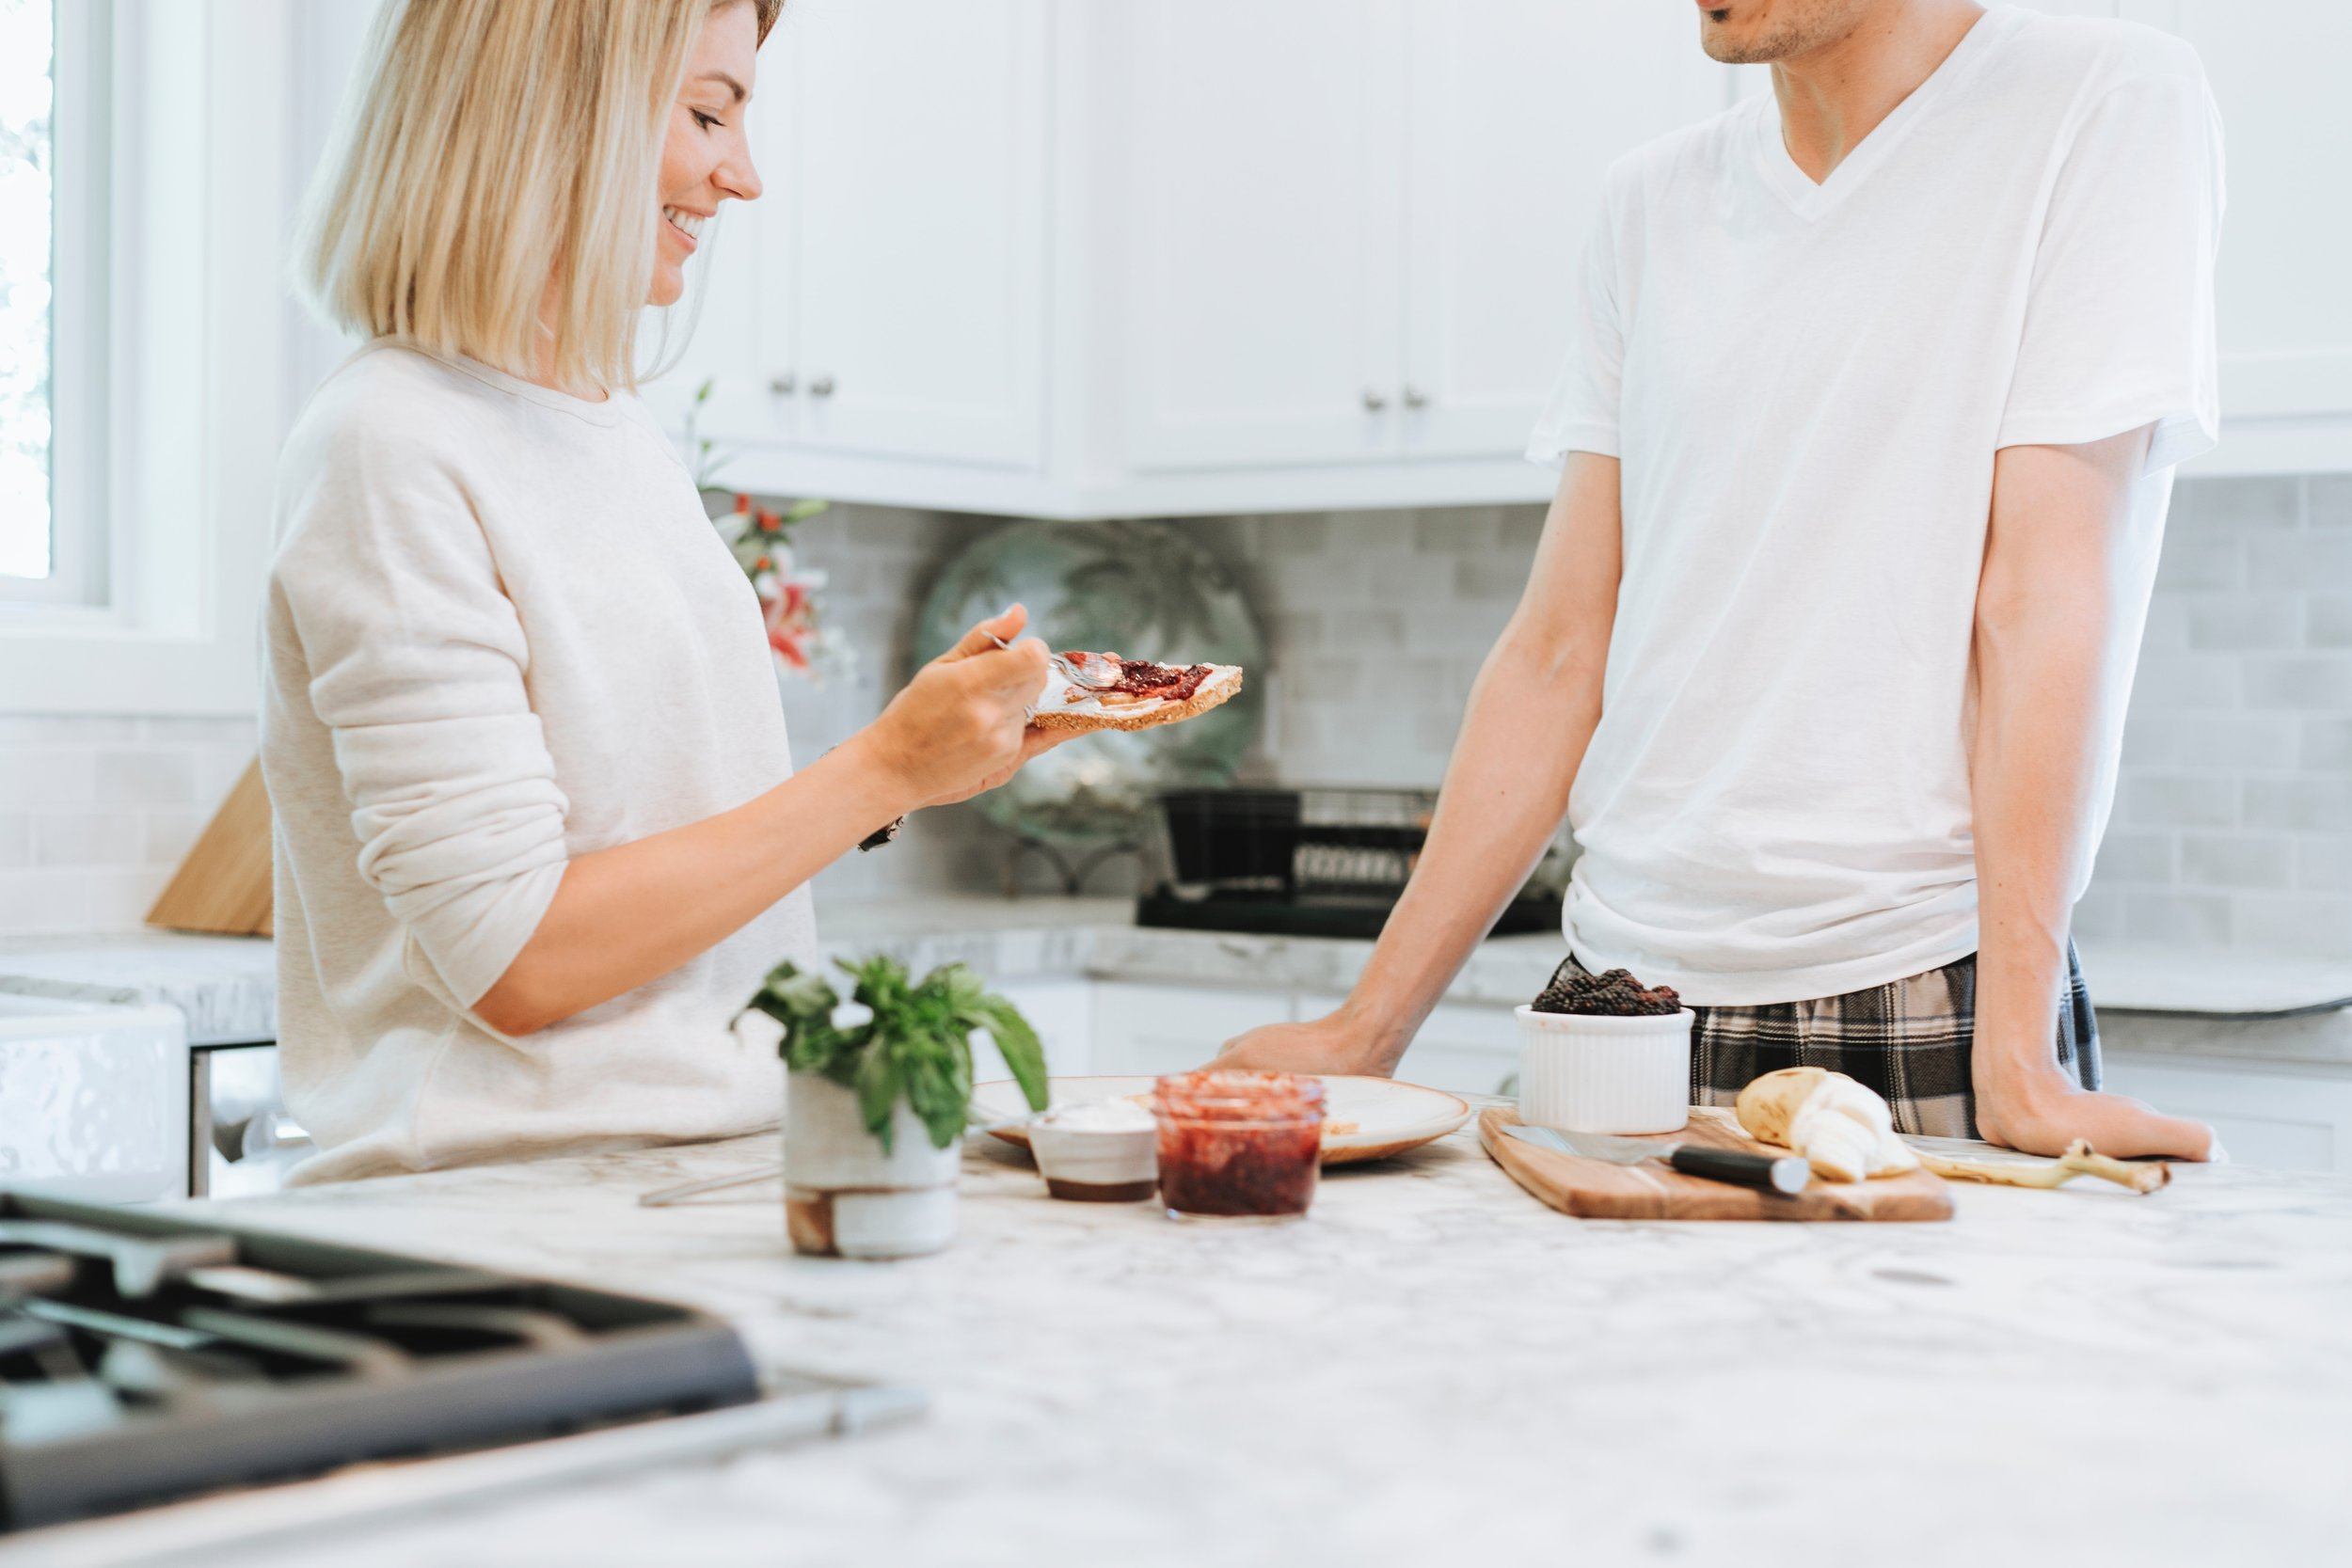 bread-brunch-couple-1656538.jpg